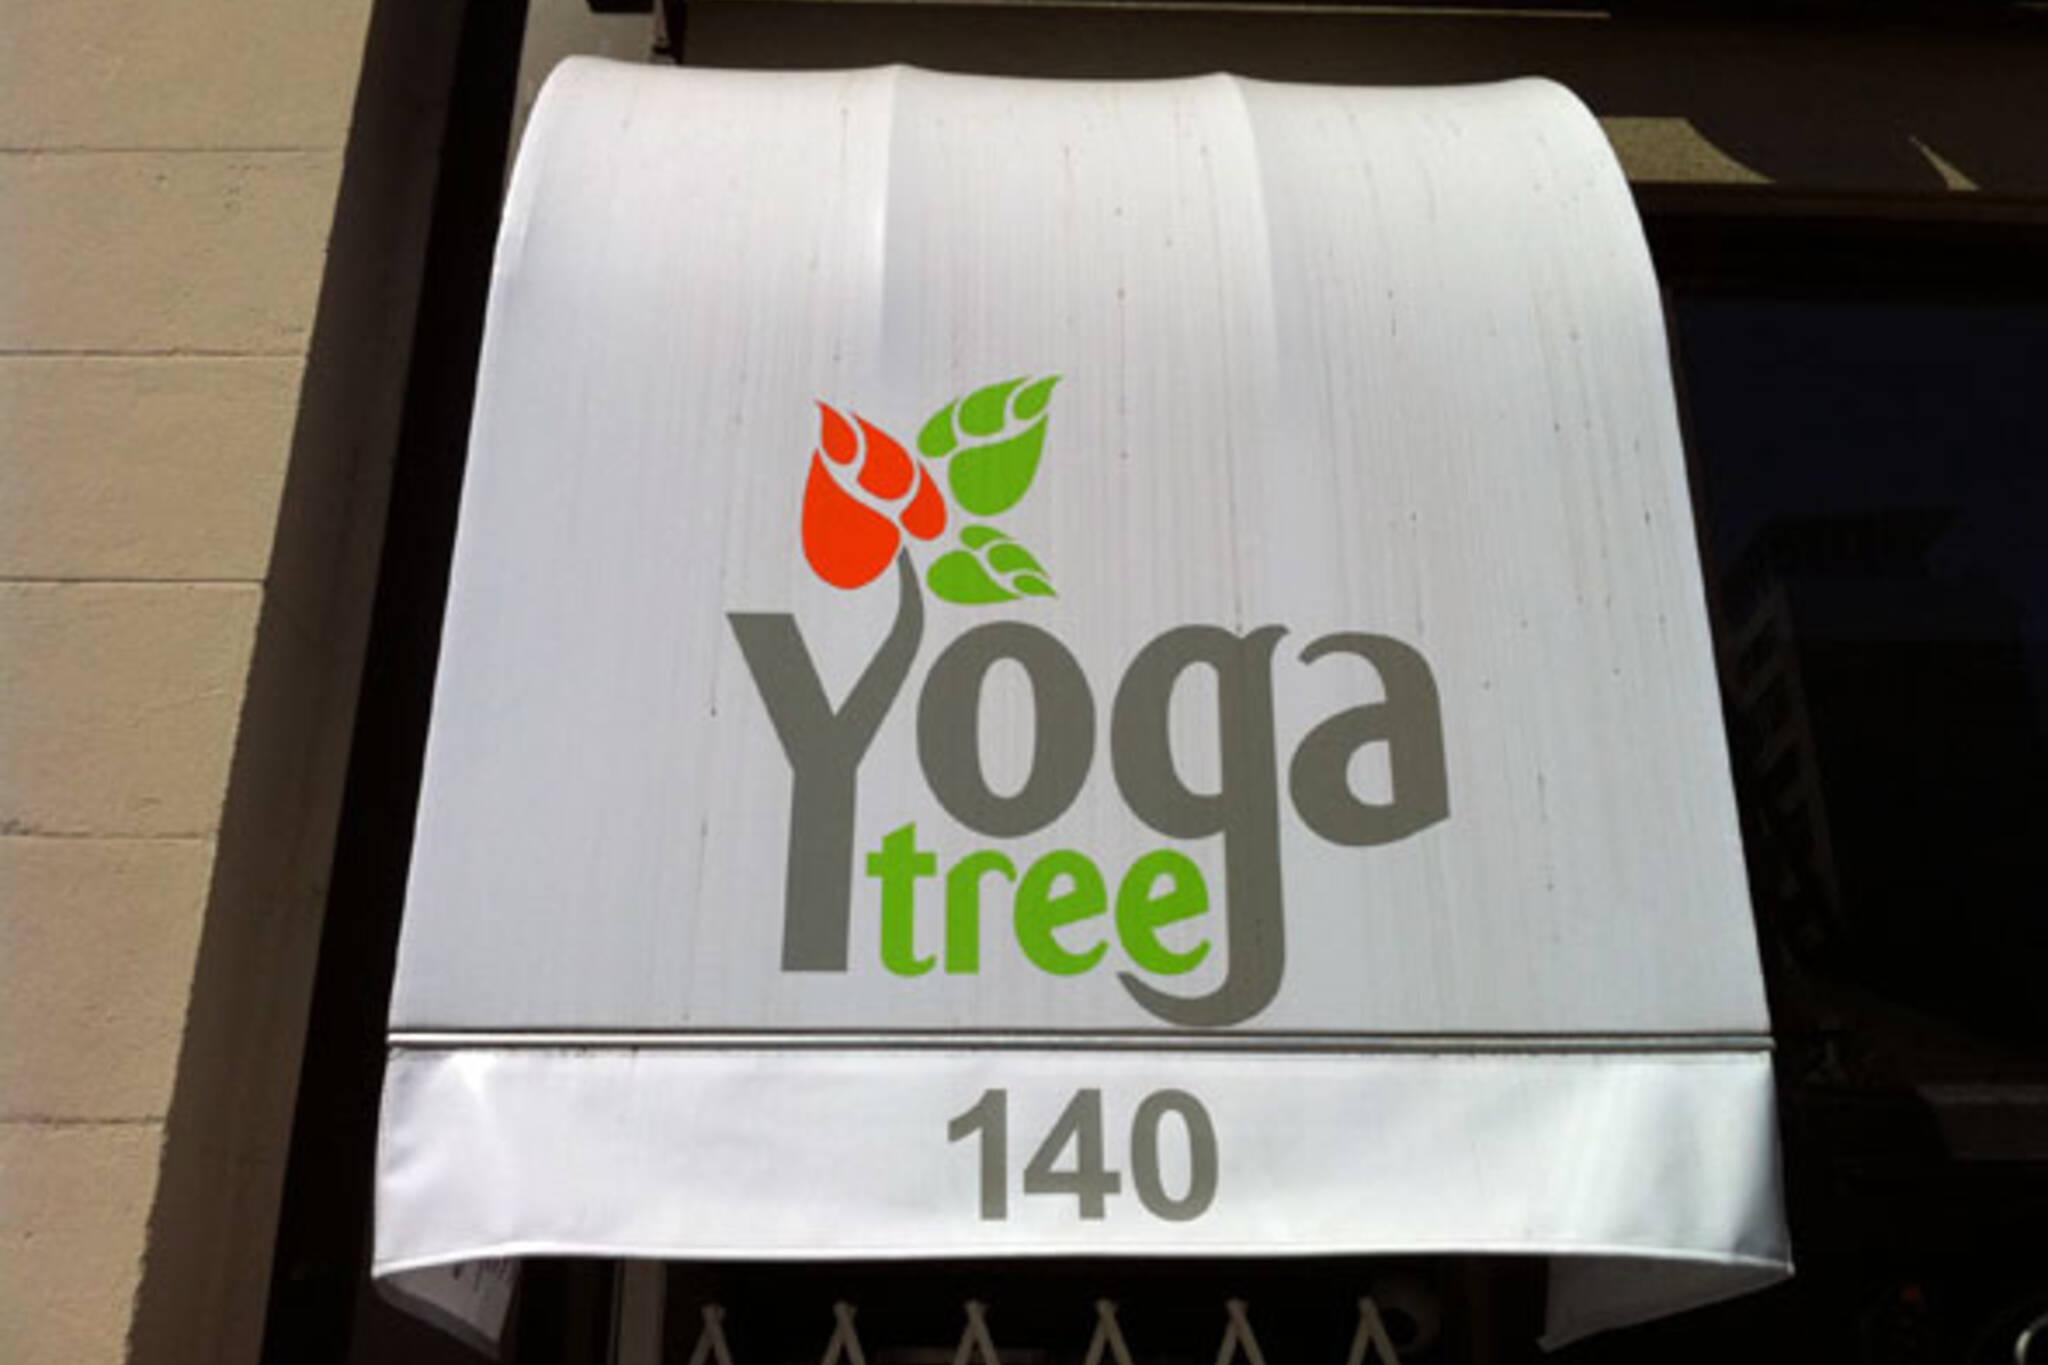 Yoga Tree Toronto